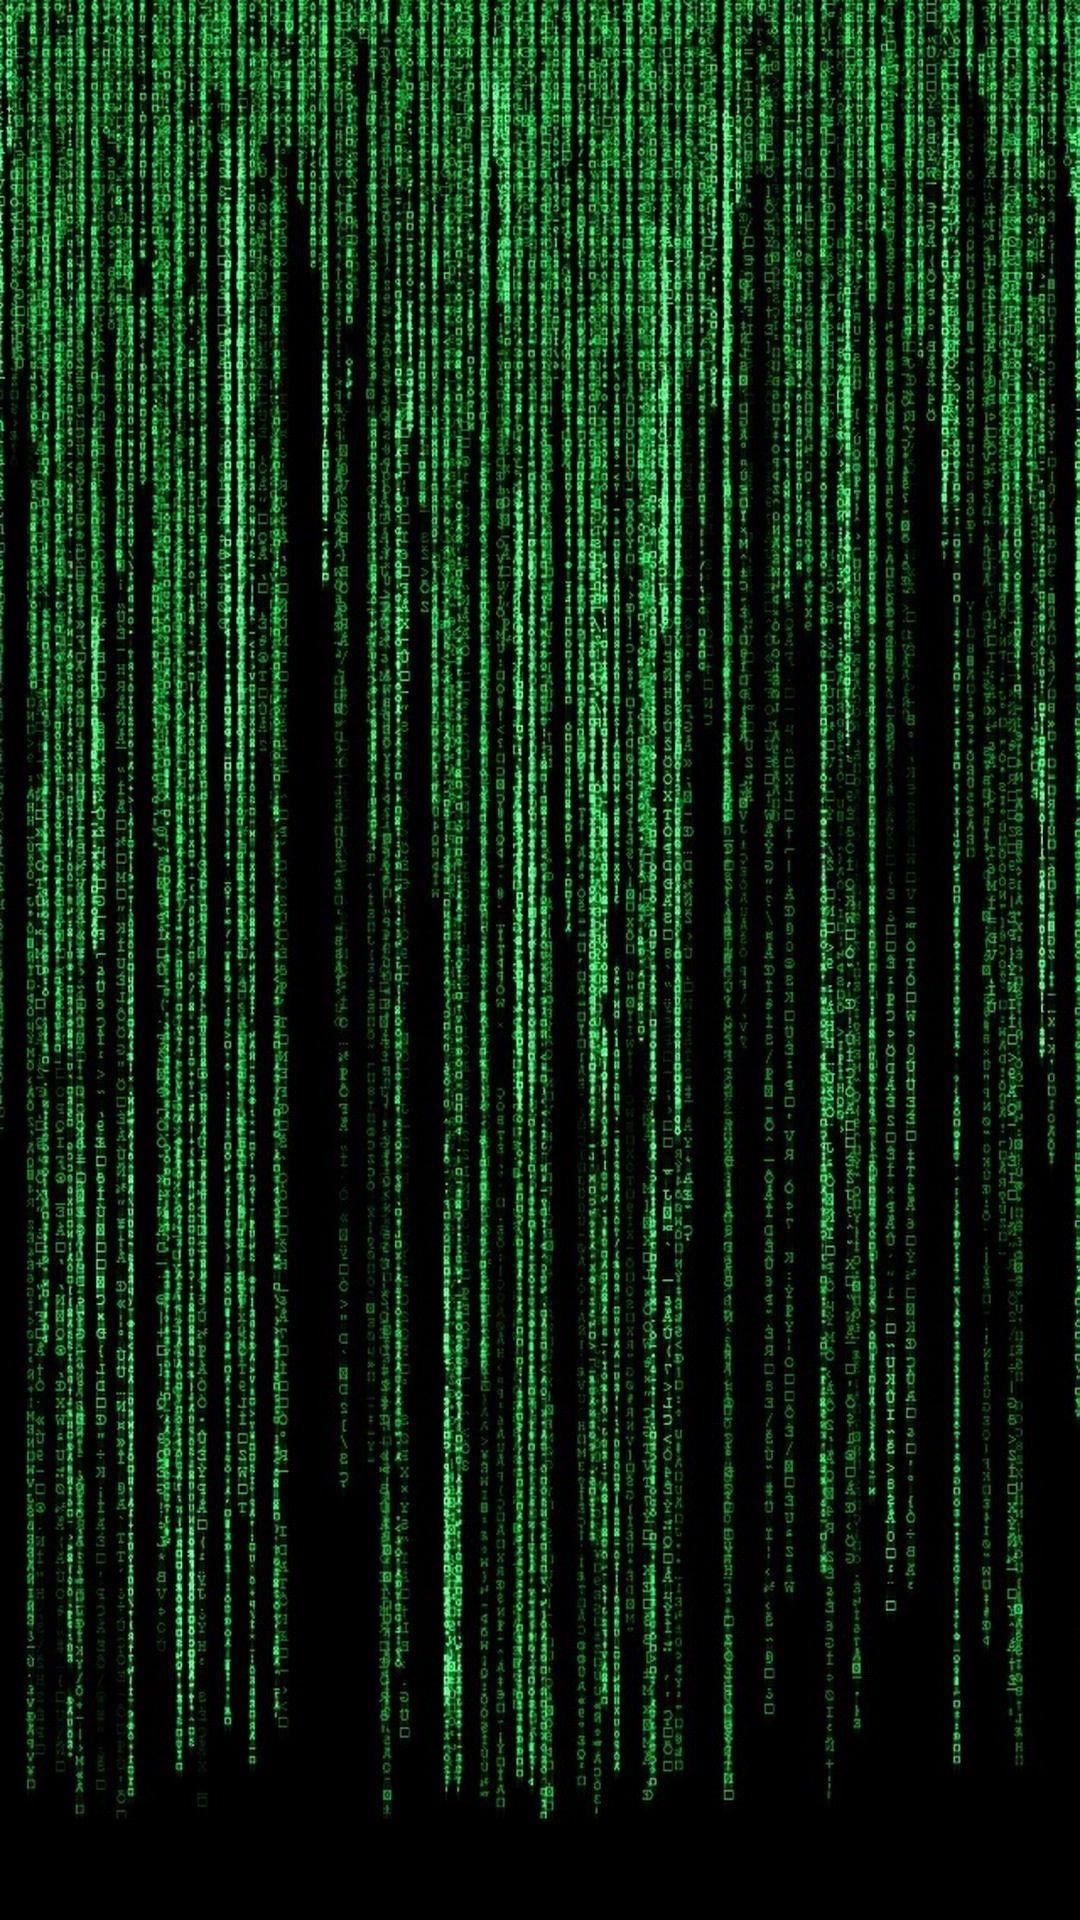 The Matrix Revolutions Hd Wallpapers Backgrounds Wallpaper Iphone Wallpaper For Guys Ipad Wallpaper Backgrounds Phone Wallpapers